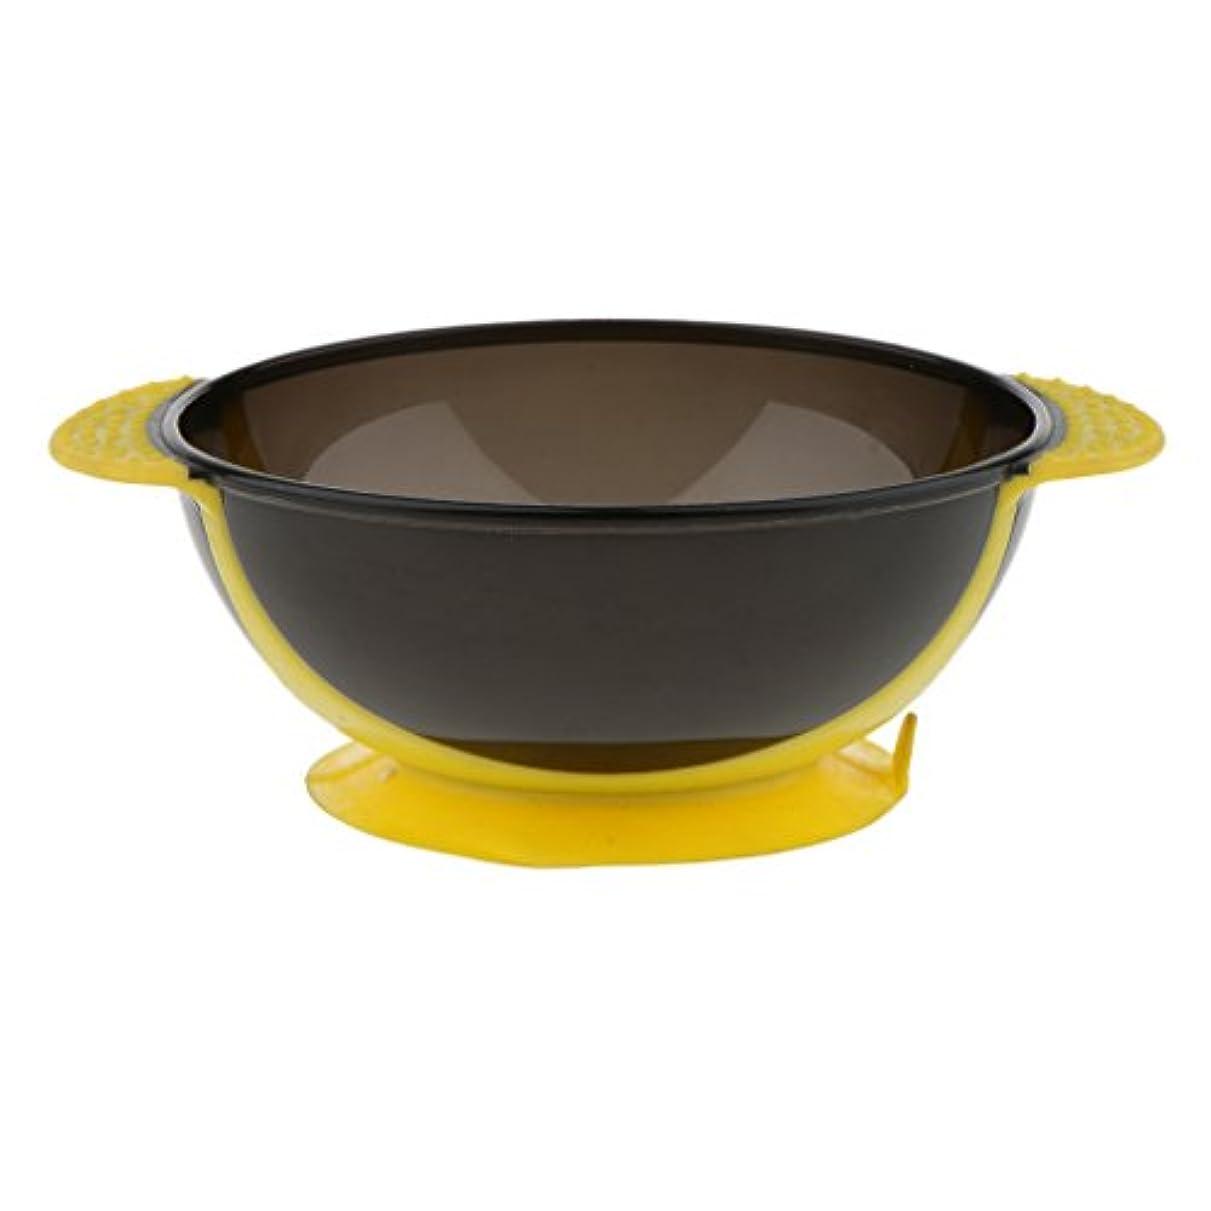 広範囲に流行どう?Toygogo ヘアカラー ミキシングボウル ヘアダイボウル 染料 色合い 髪染めミント 吸引ベース 3色選べる - 黄